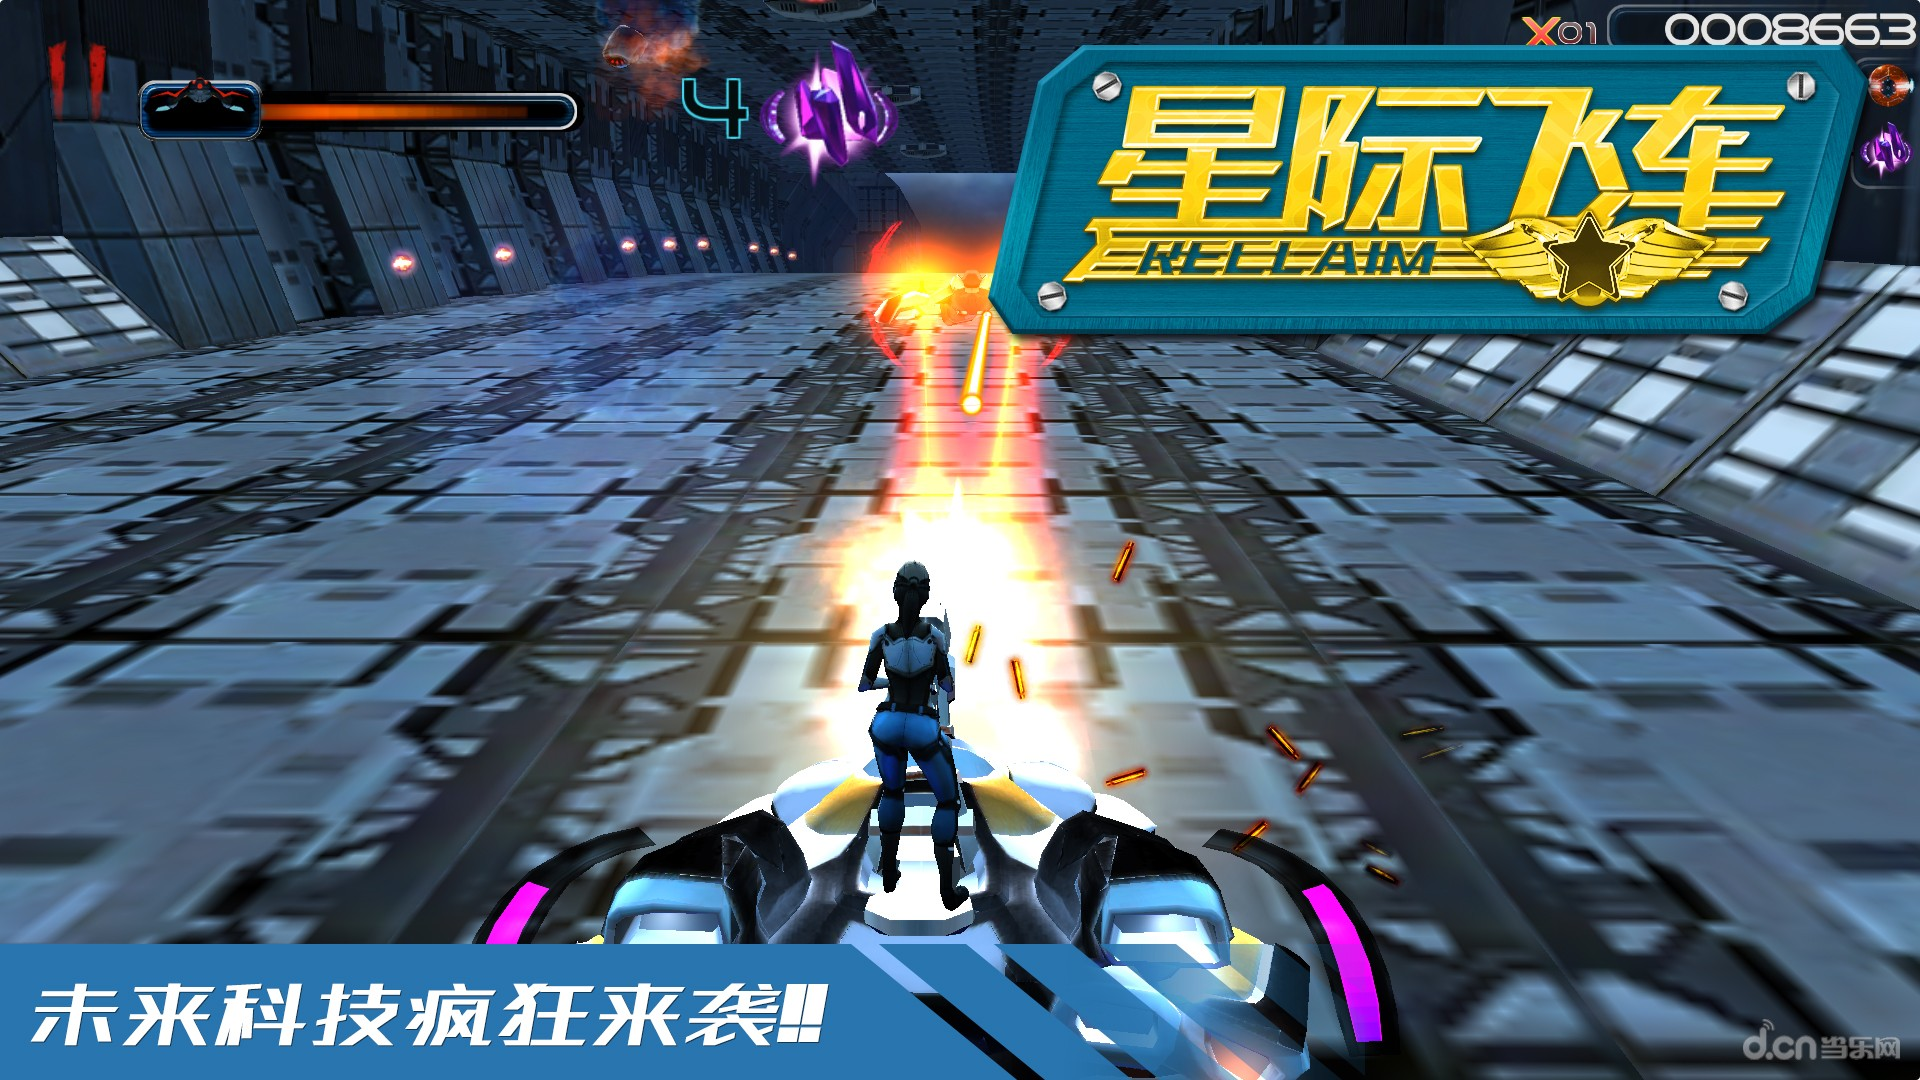 未来科技疯狂来袭,快来驾驶悬浮轨道战机消灭前来挑衅敌军战机吧!当然也别忘了躲避攻击和障碍物的同时收集能量球和晶矿来强化你的战机、复活你的队员。不要满足于你现在的军衔,中尉!我们的征途是星辰大海!!! 全3D超写实又充满未来色彩的游戏场景、绚丽夺目的攻击特效、简单易操作却不失韵味的完美手感、畅快刺激却有张有弛的战斗享受尽在《星际飞车》!